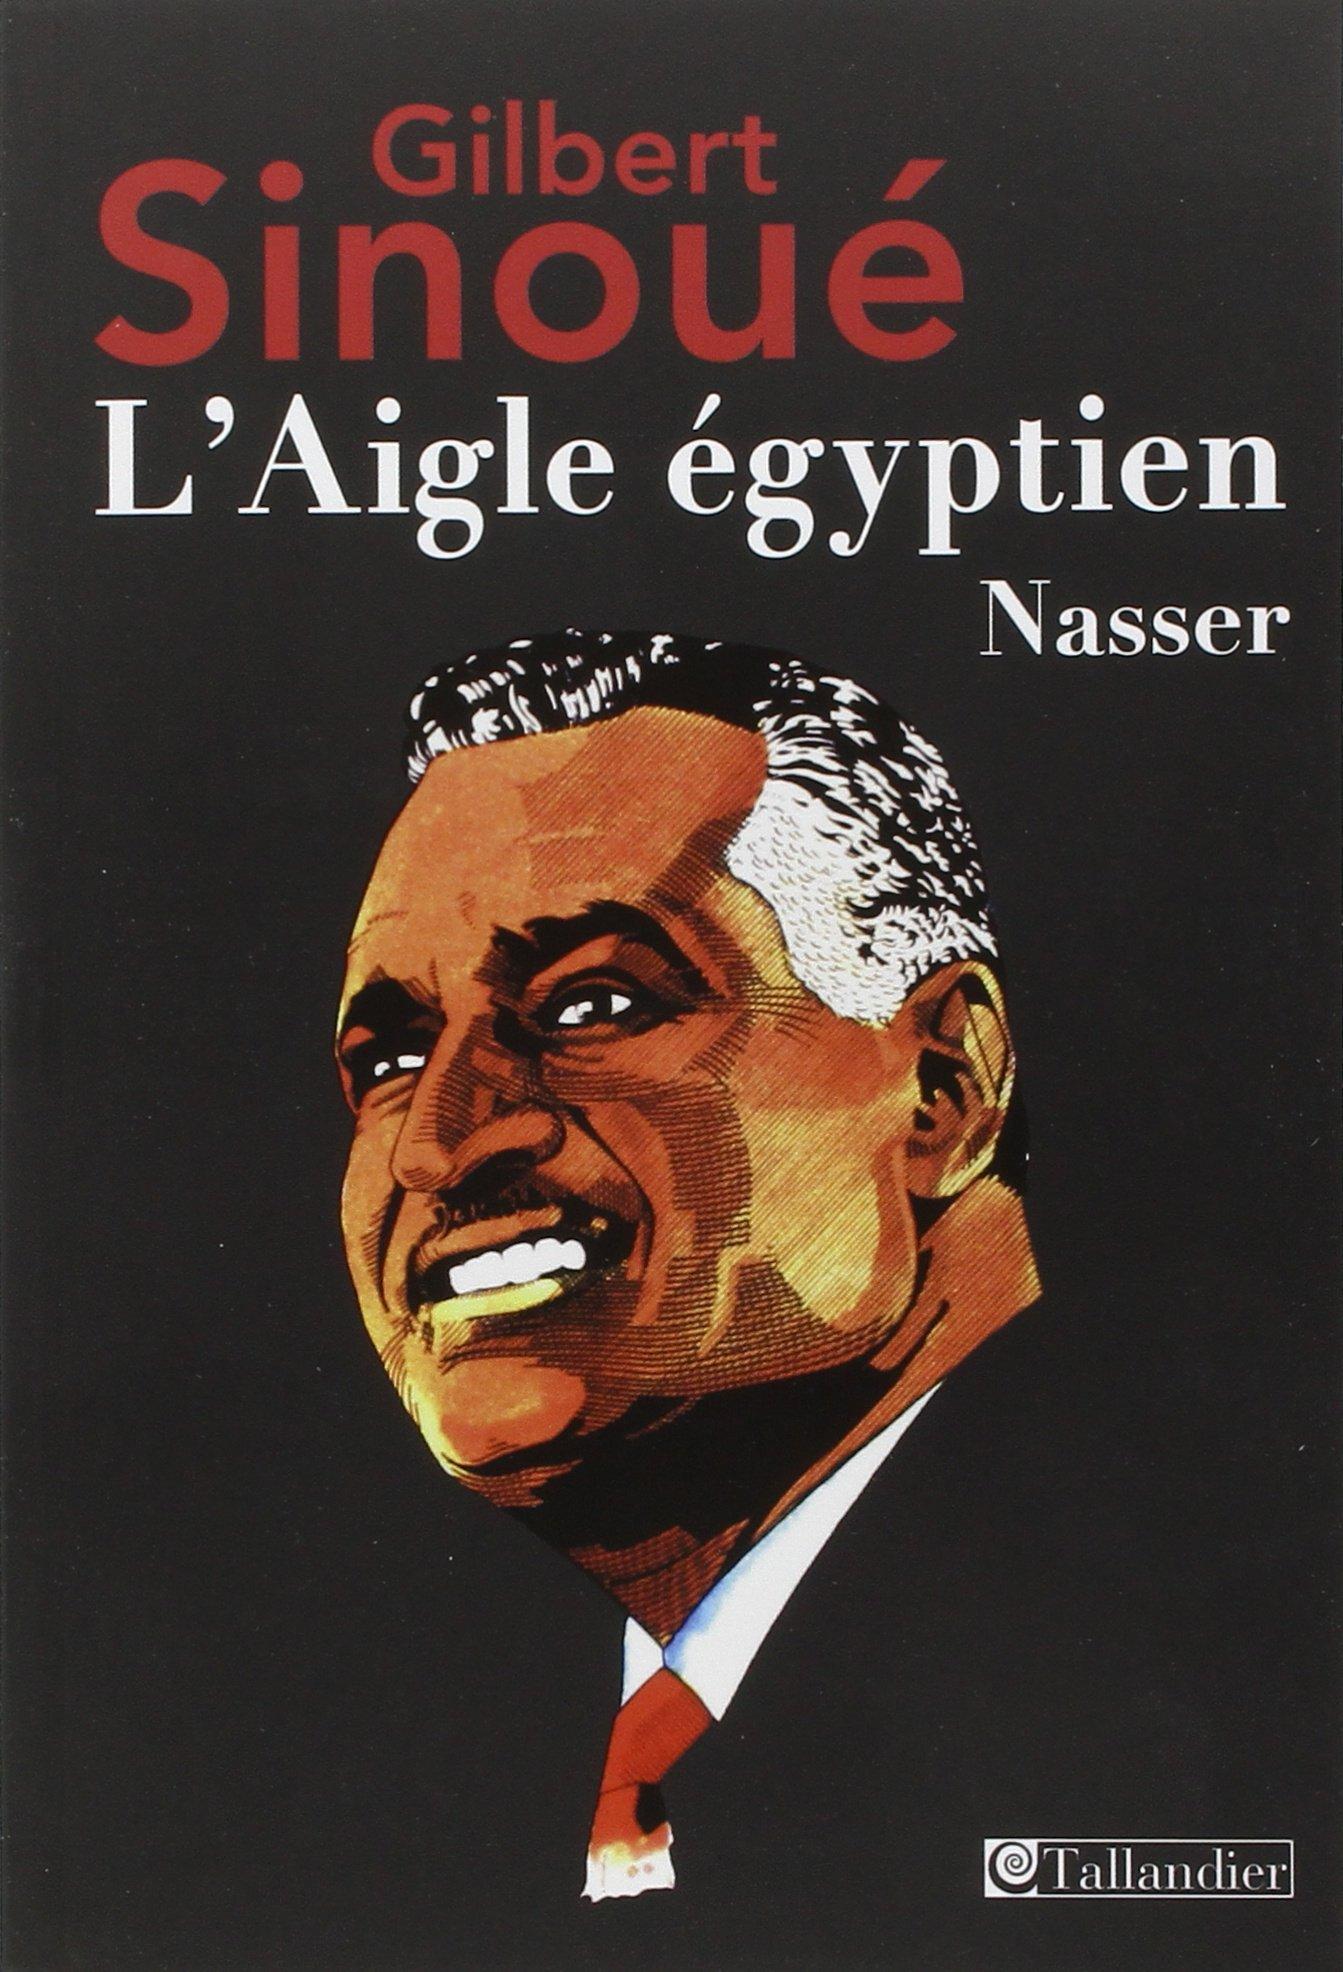 L'Aigle égyptien, Nasser - Gilbert Sinoué